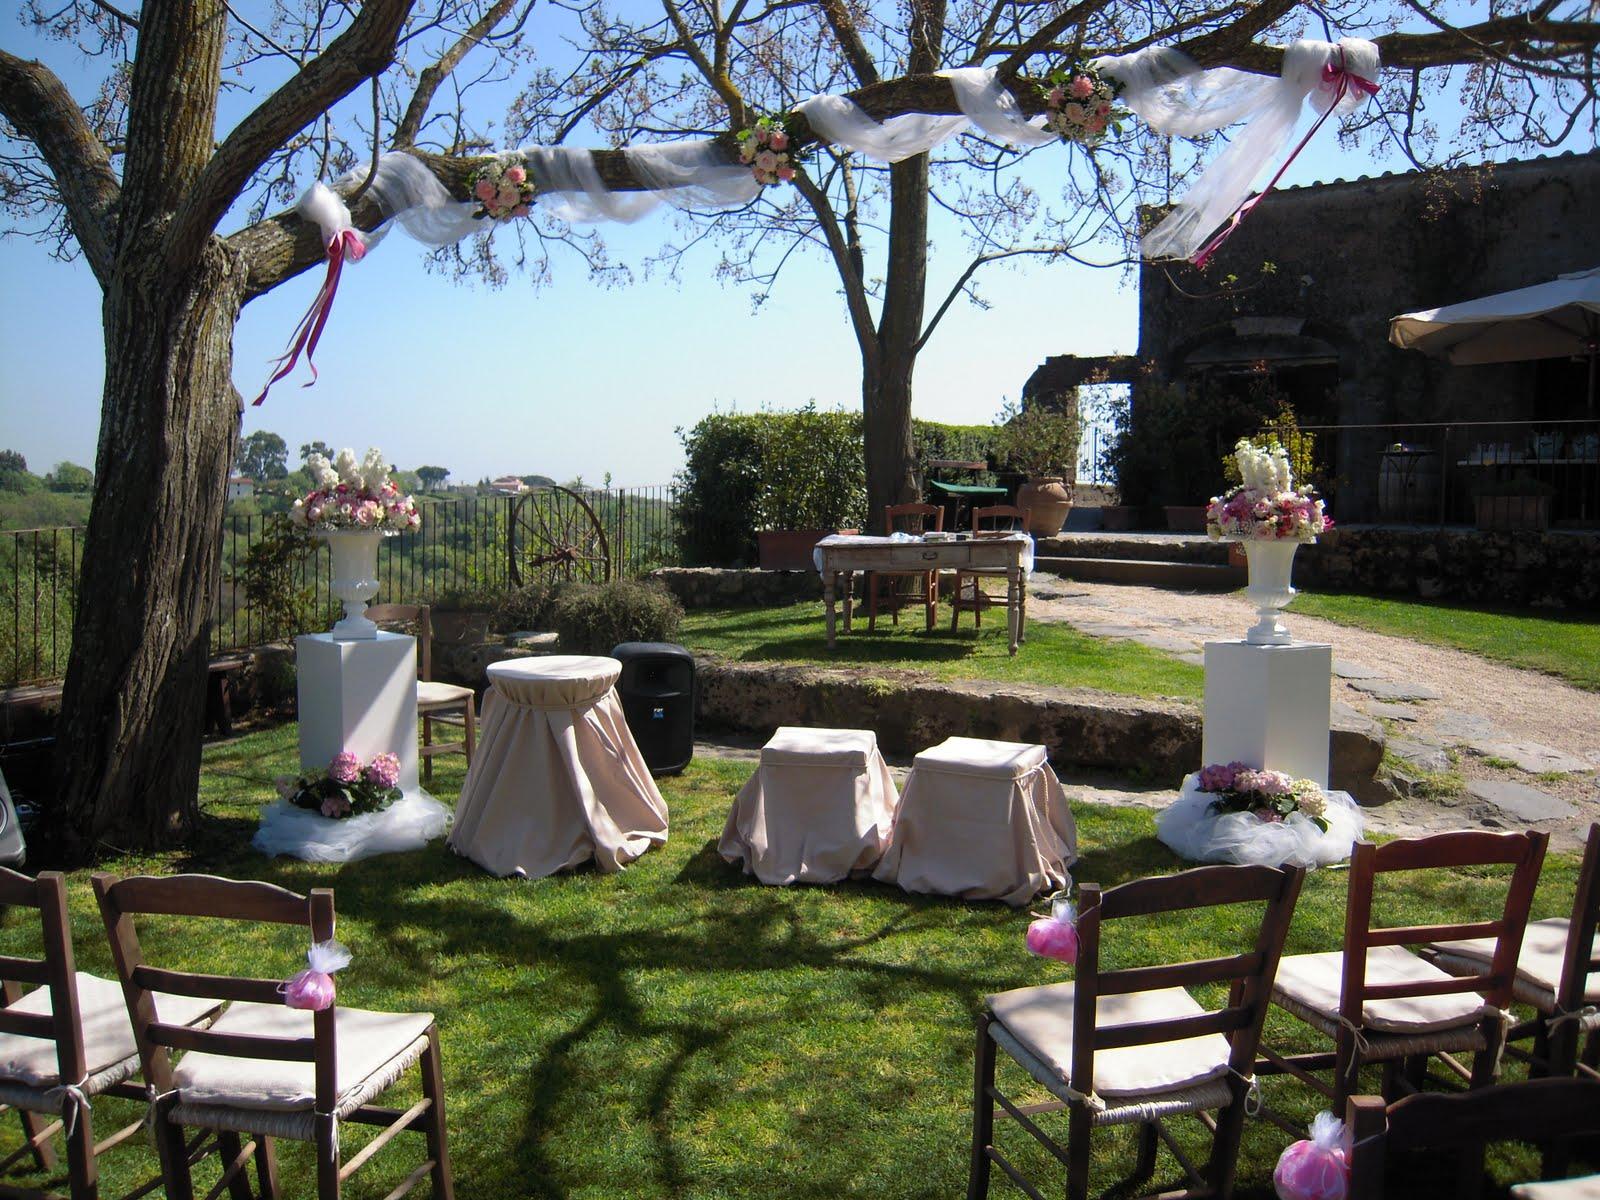 Ben noto DebraFlower - Amica degli sposi: Matrimonio in Giardino - Borgo di  PF55